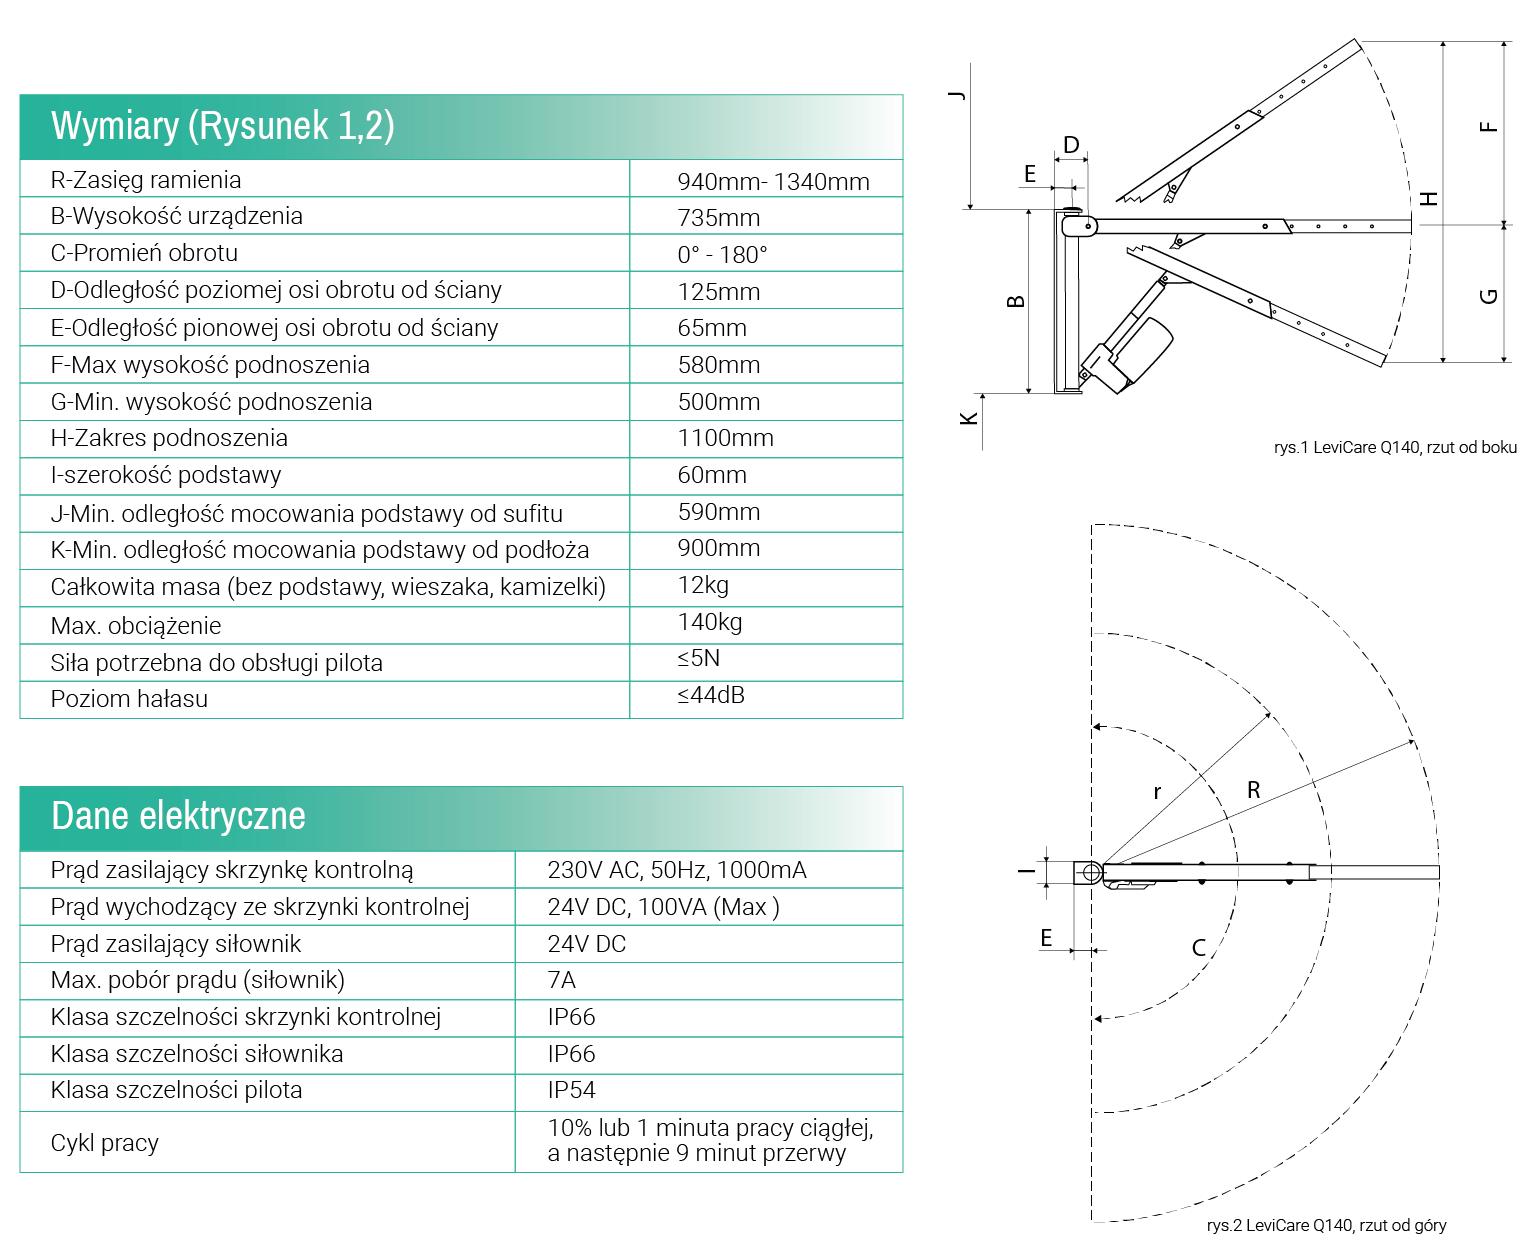 tabela wymiary q140_Obszar roboczy 1.png